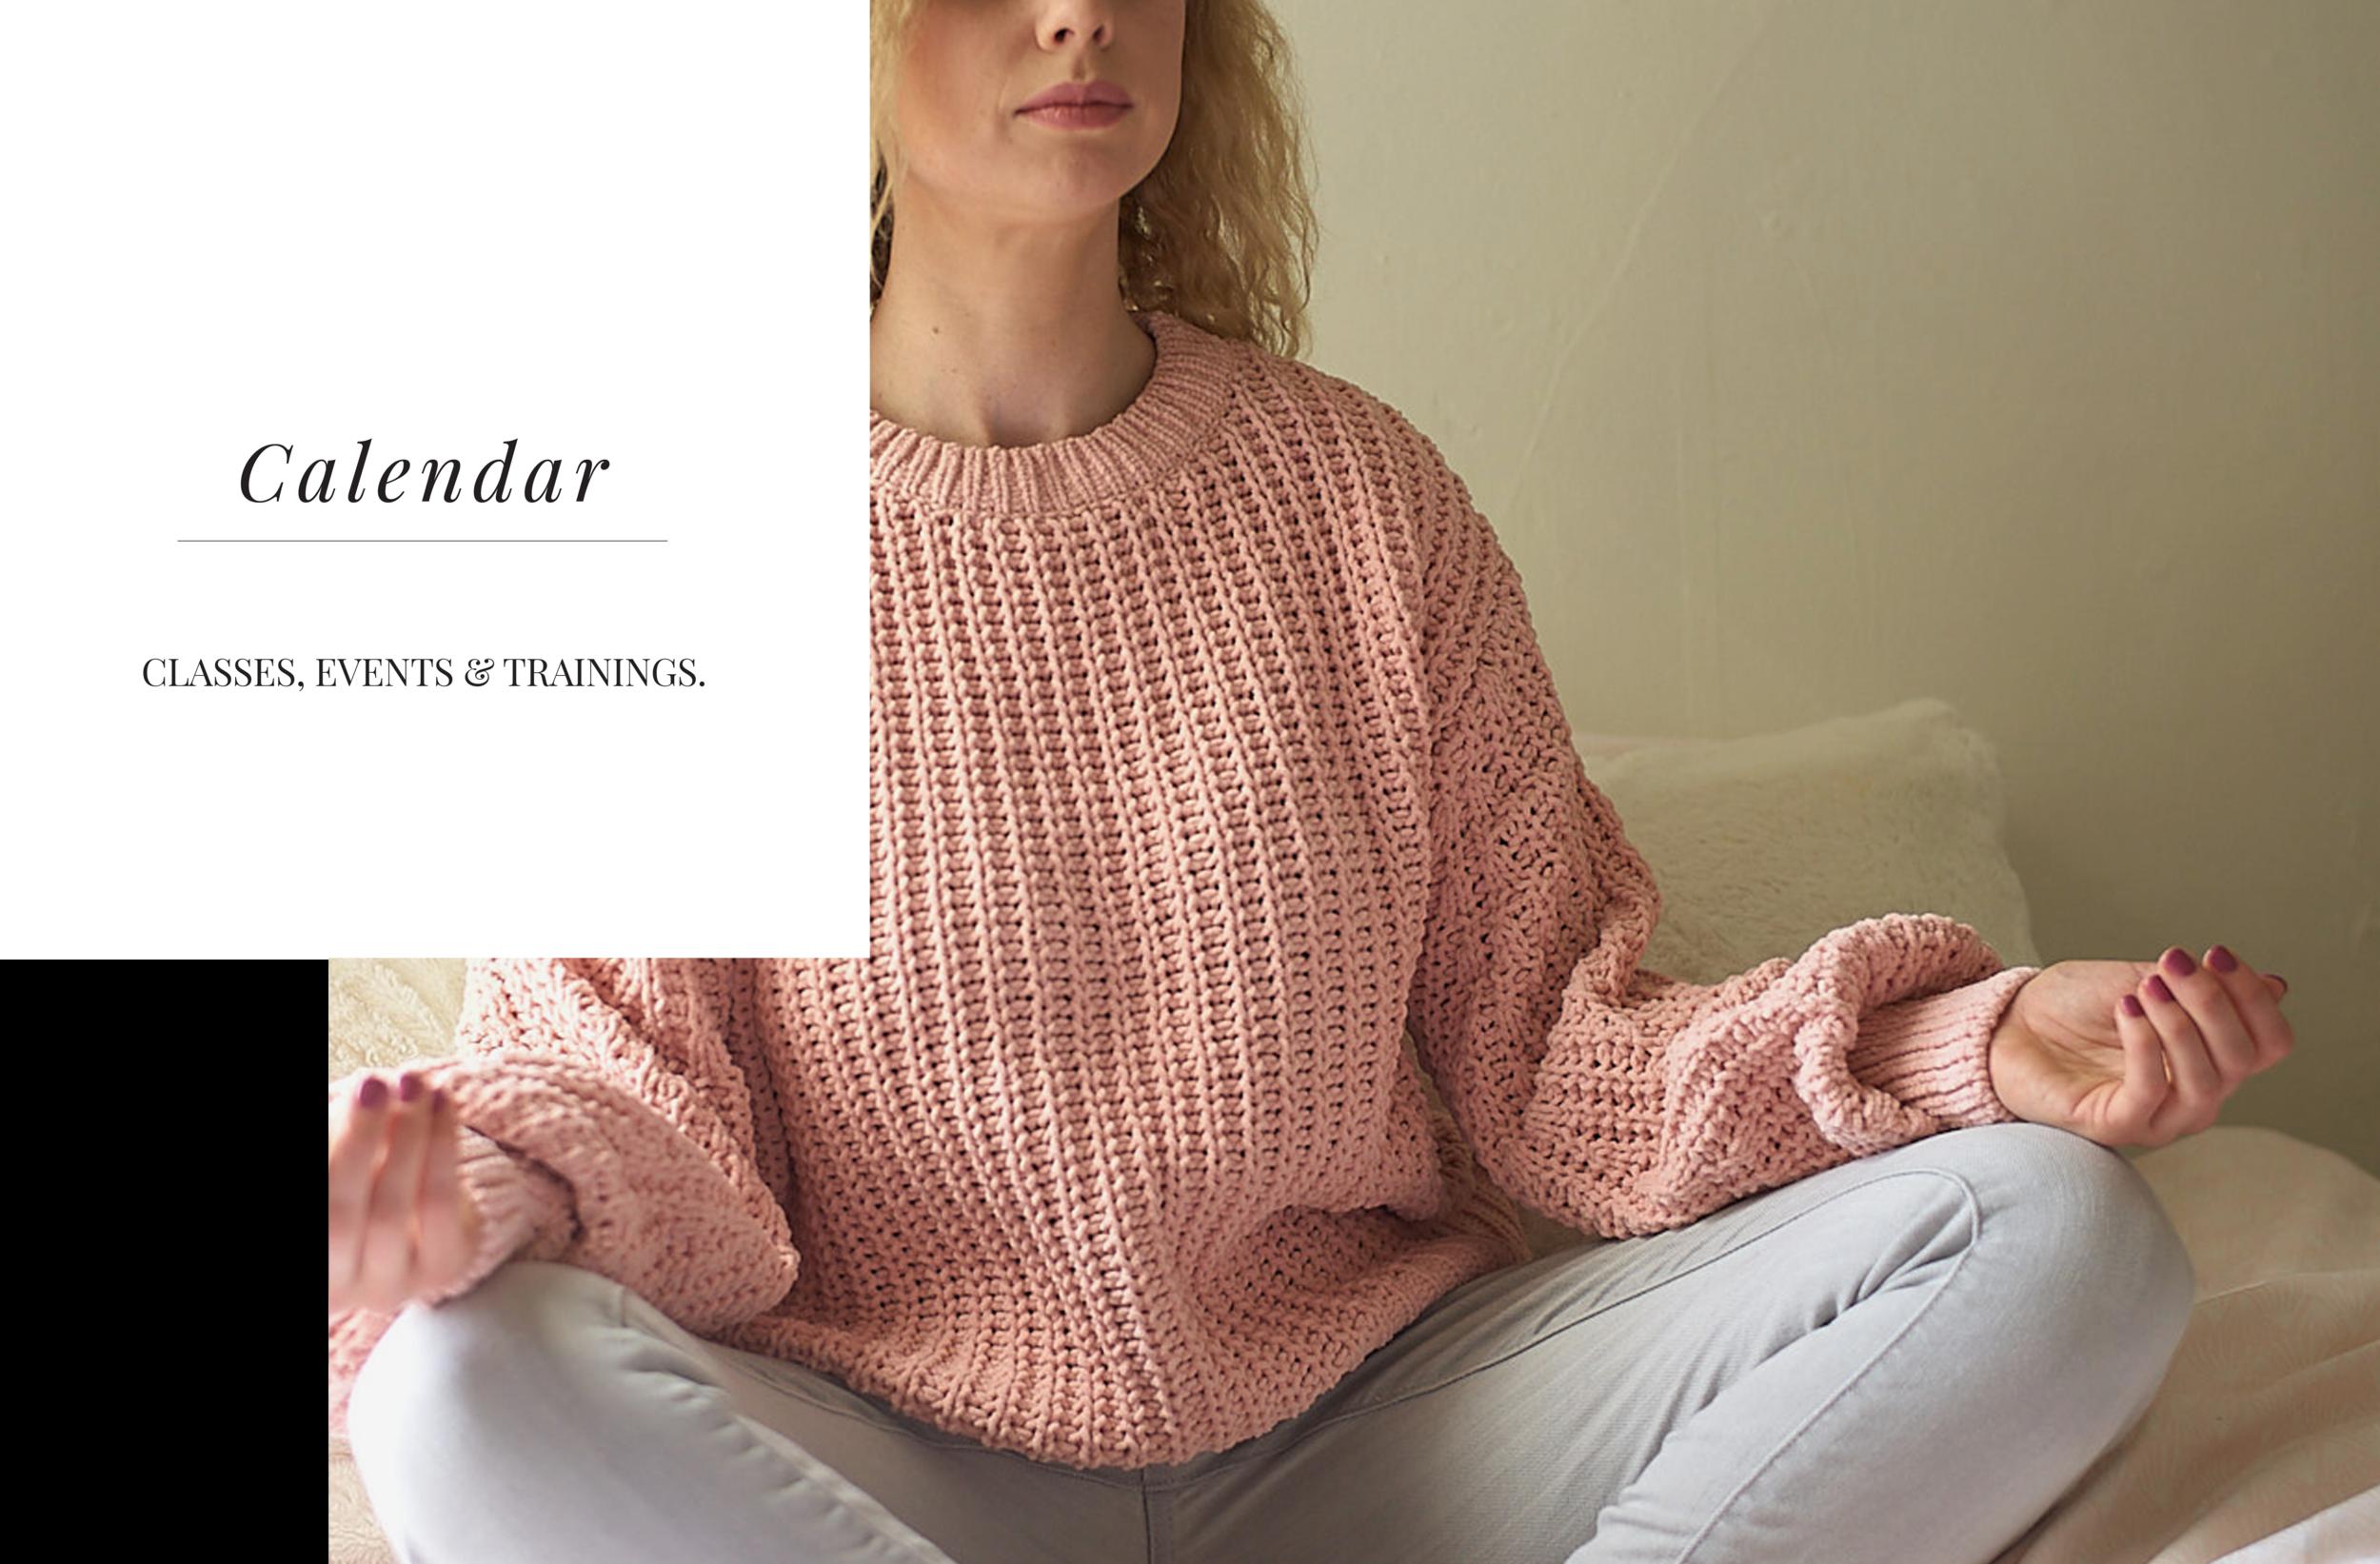 calendar-header.png